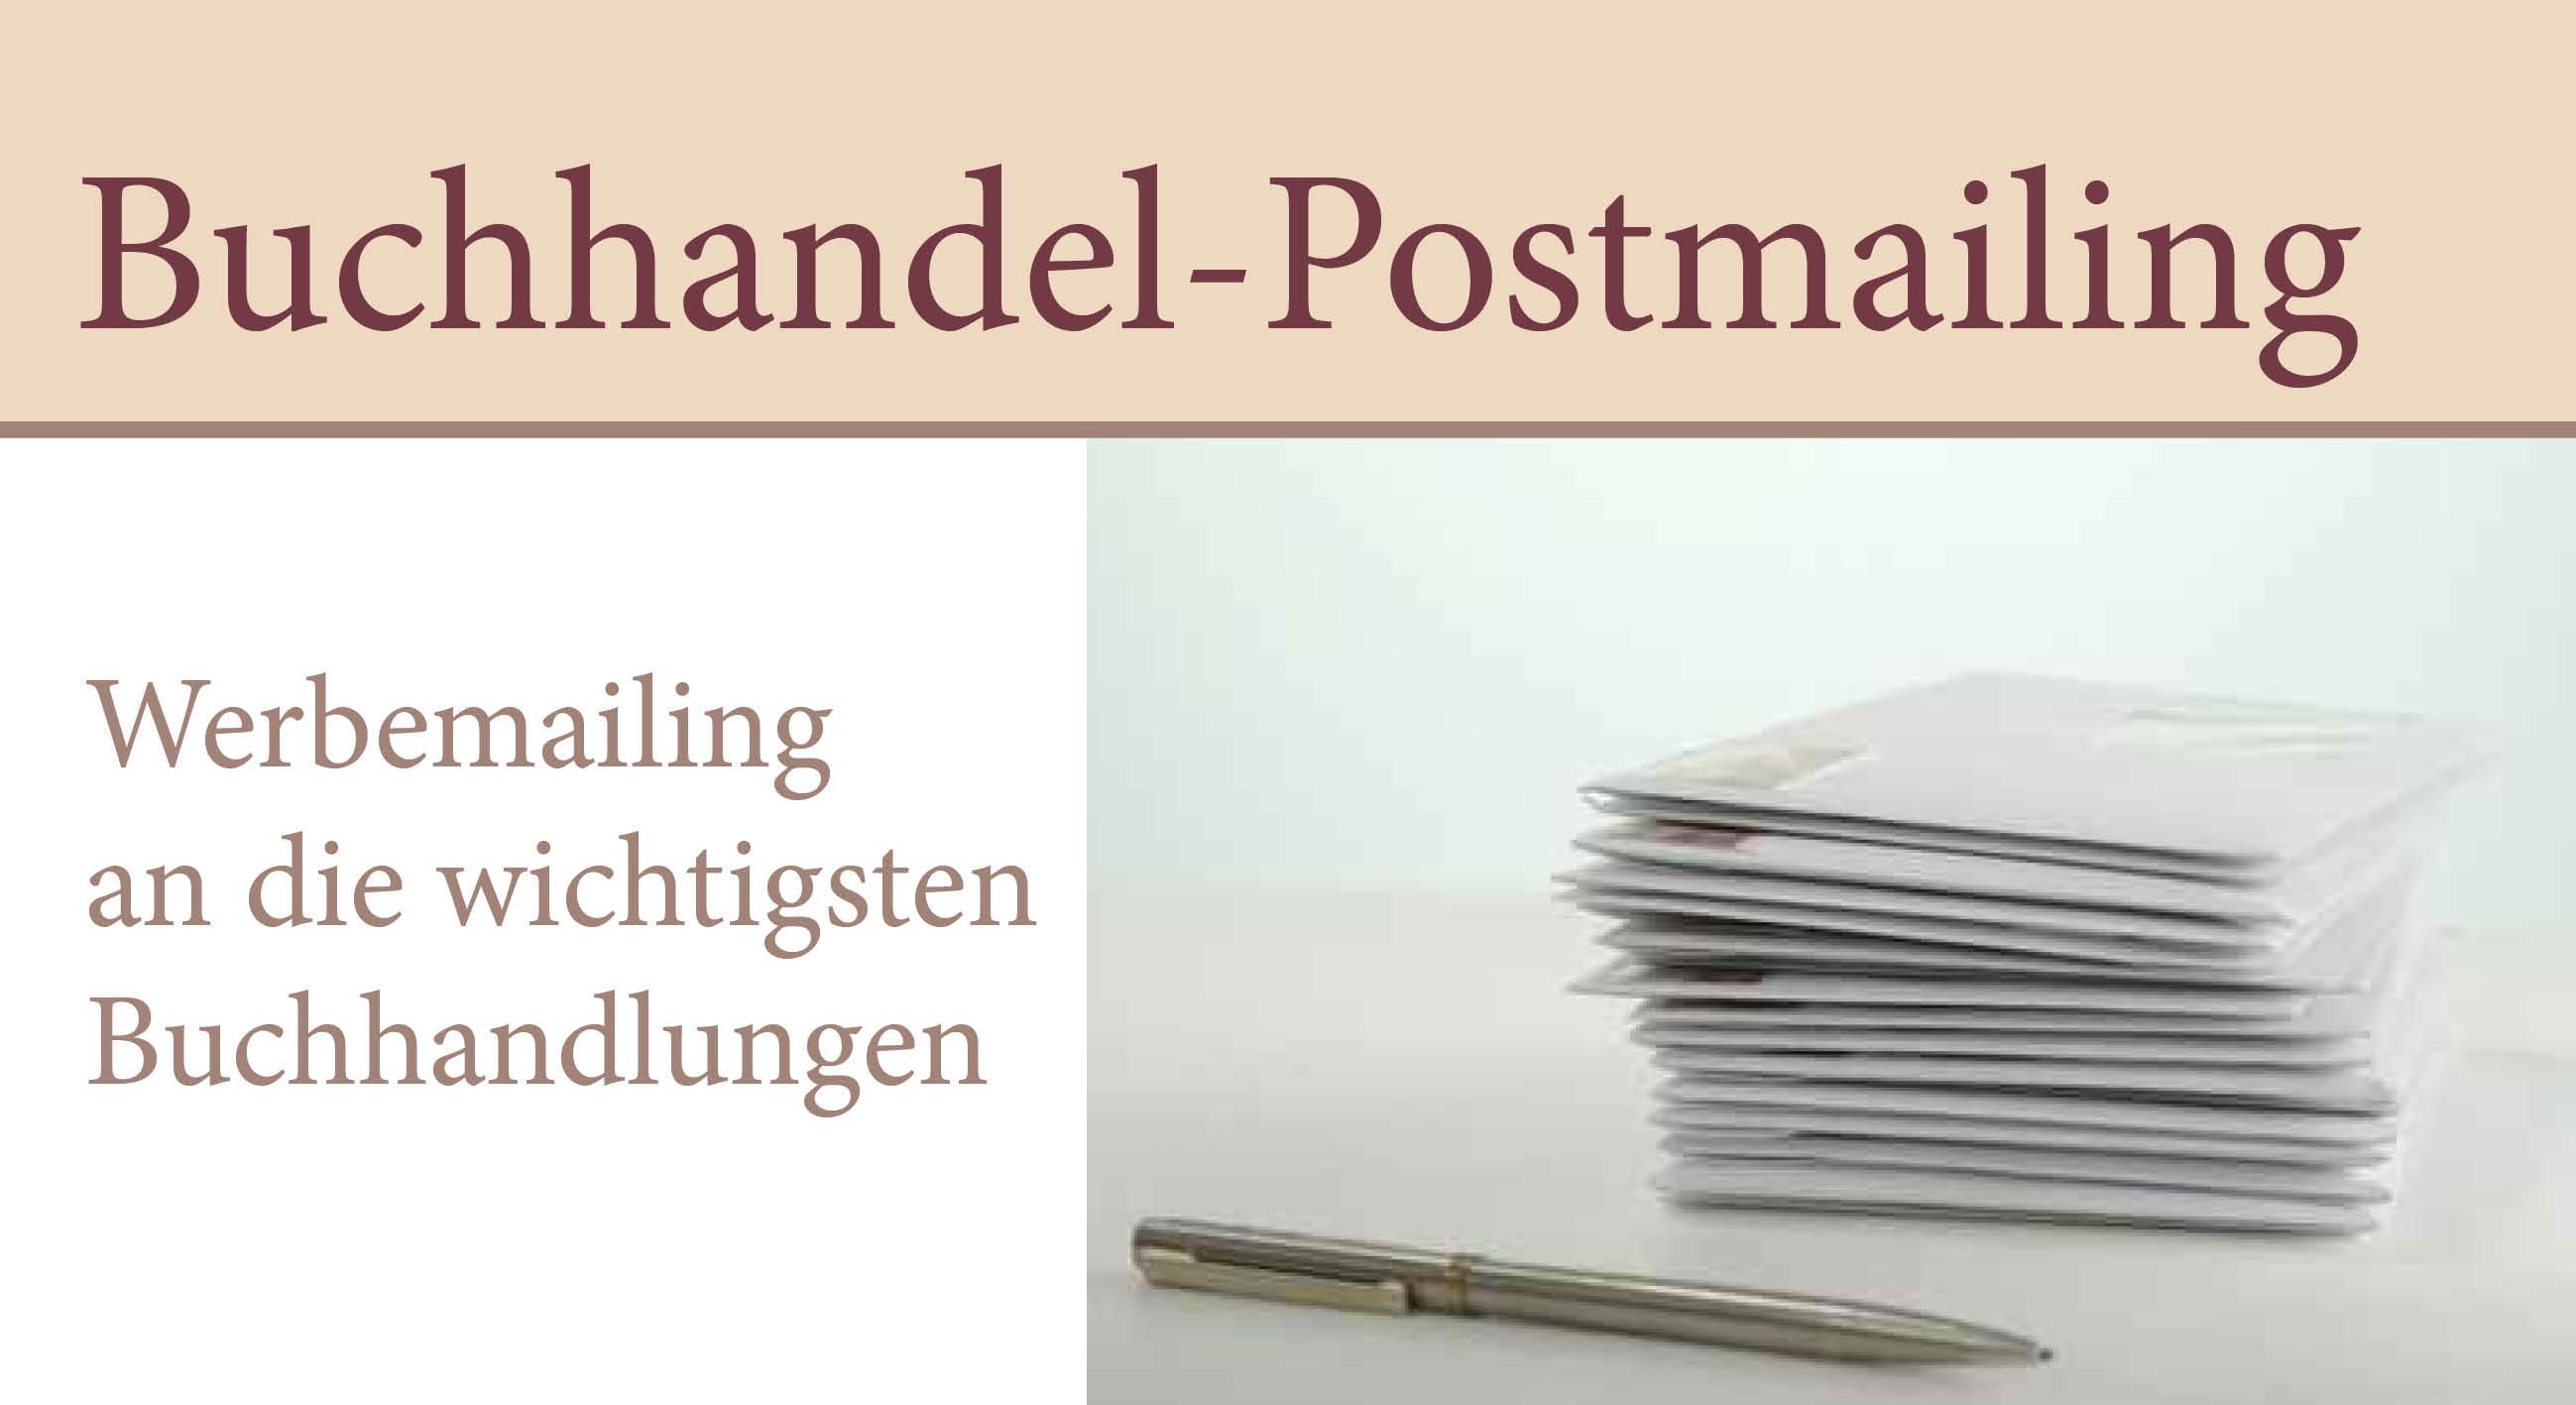 Buchhandel Postmailing